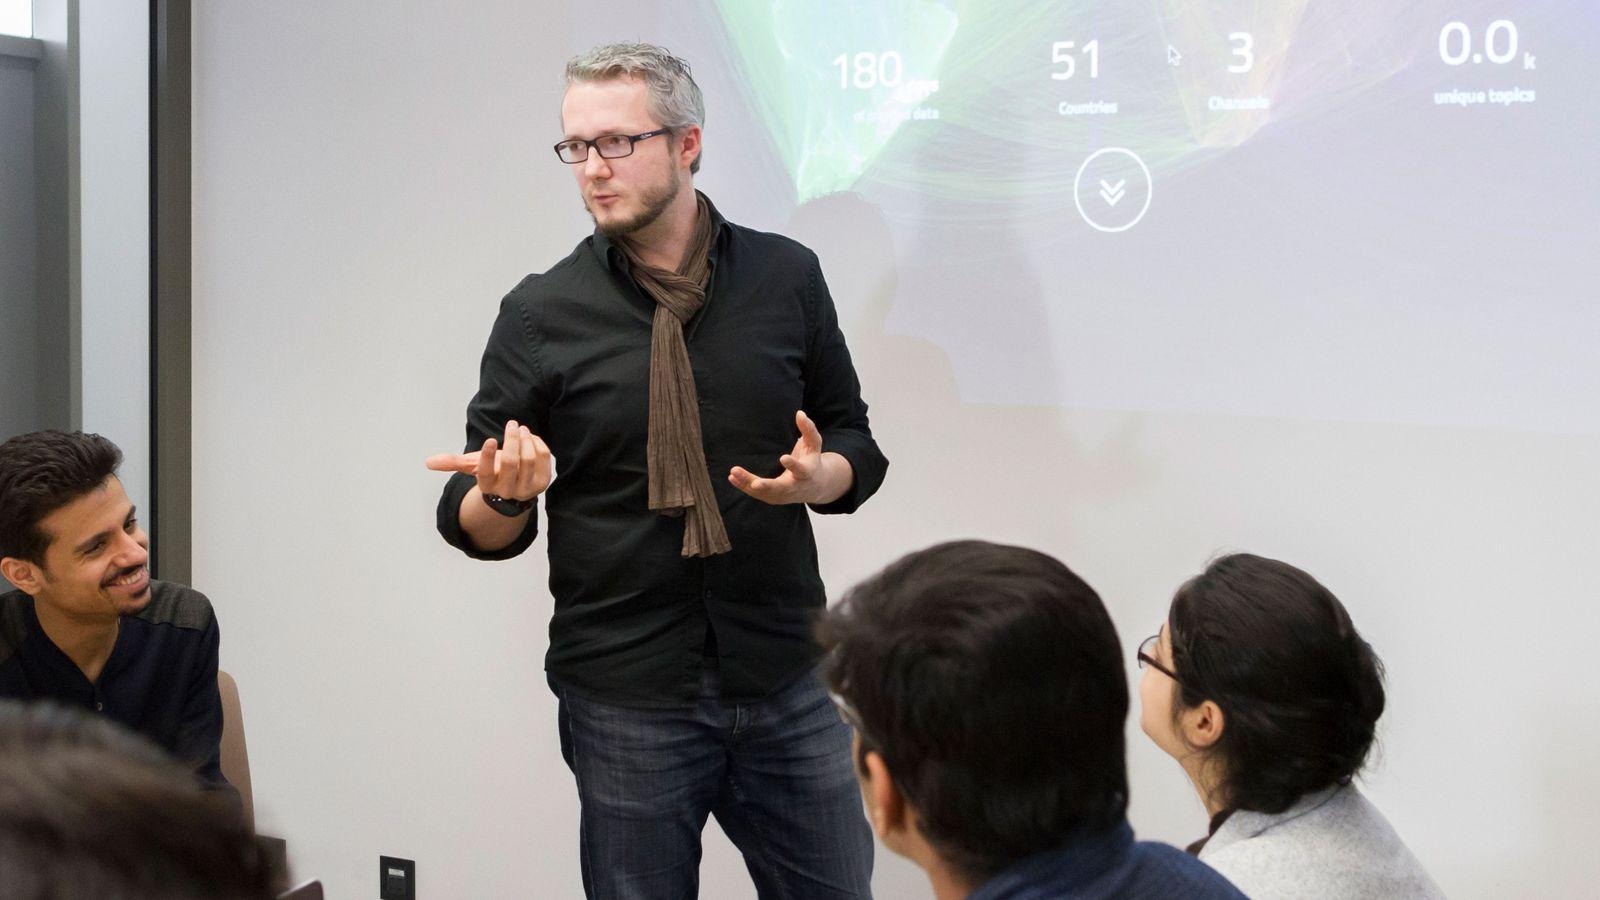 Damian Borth vom Deutschen Forschungszentrum für Künstliche Intelligenz